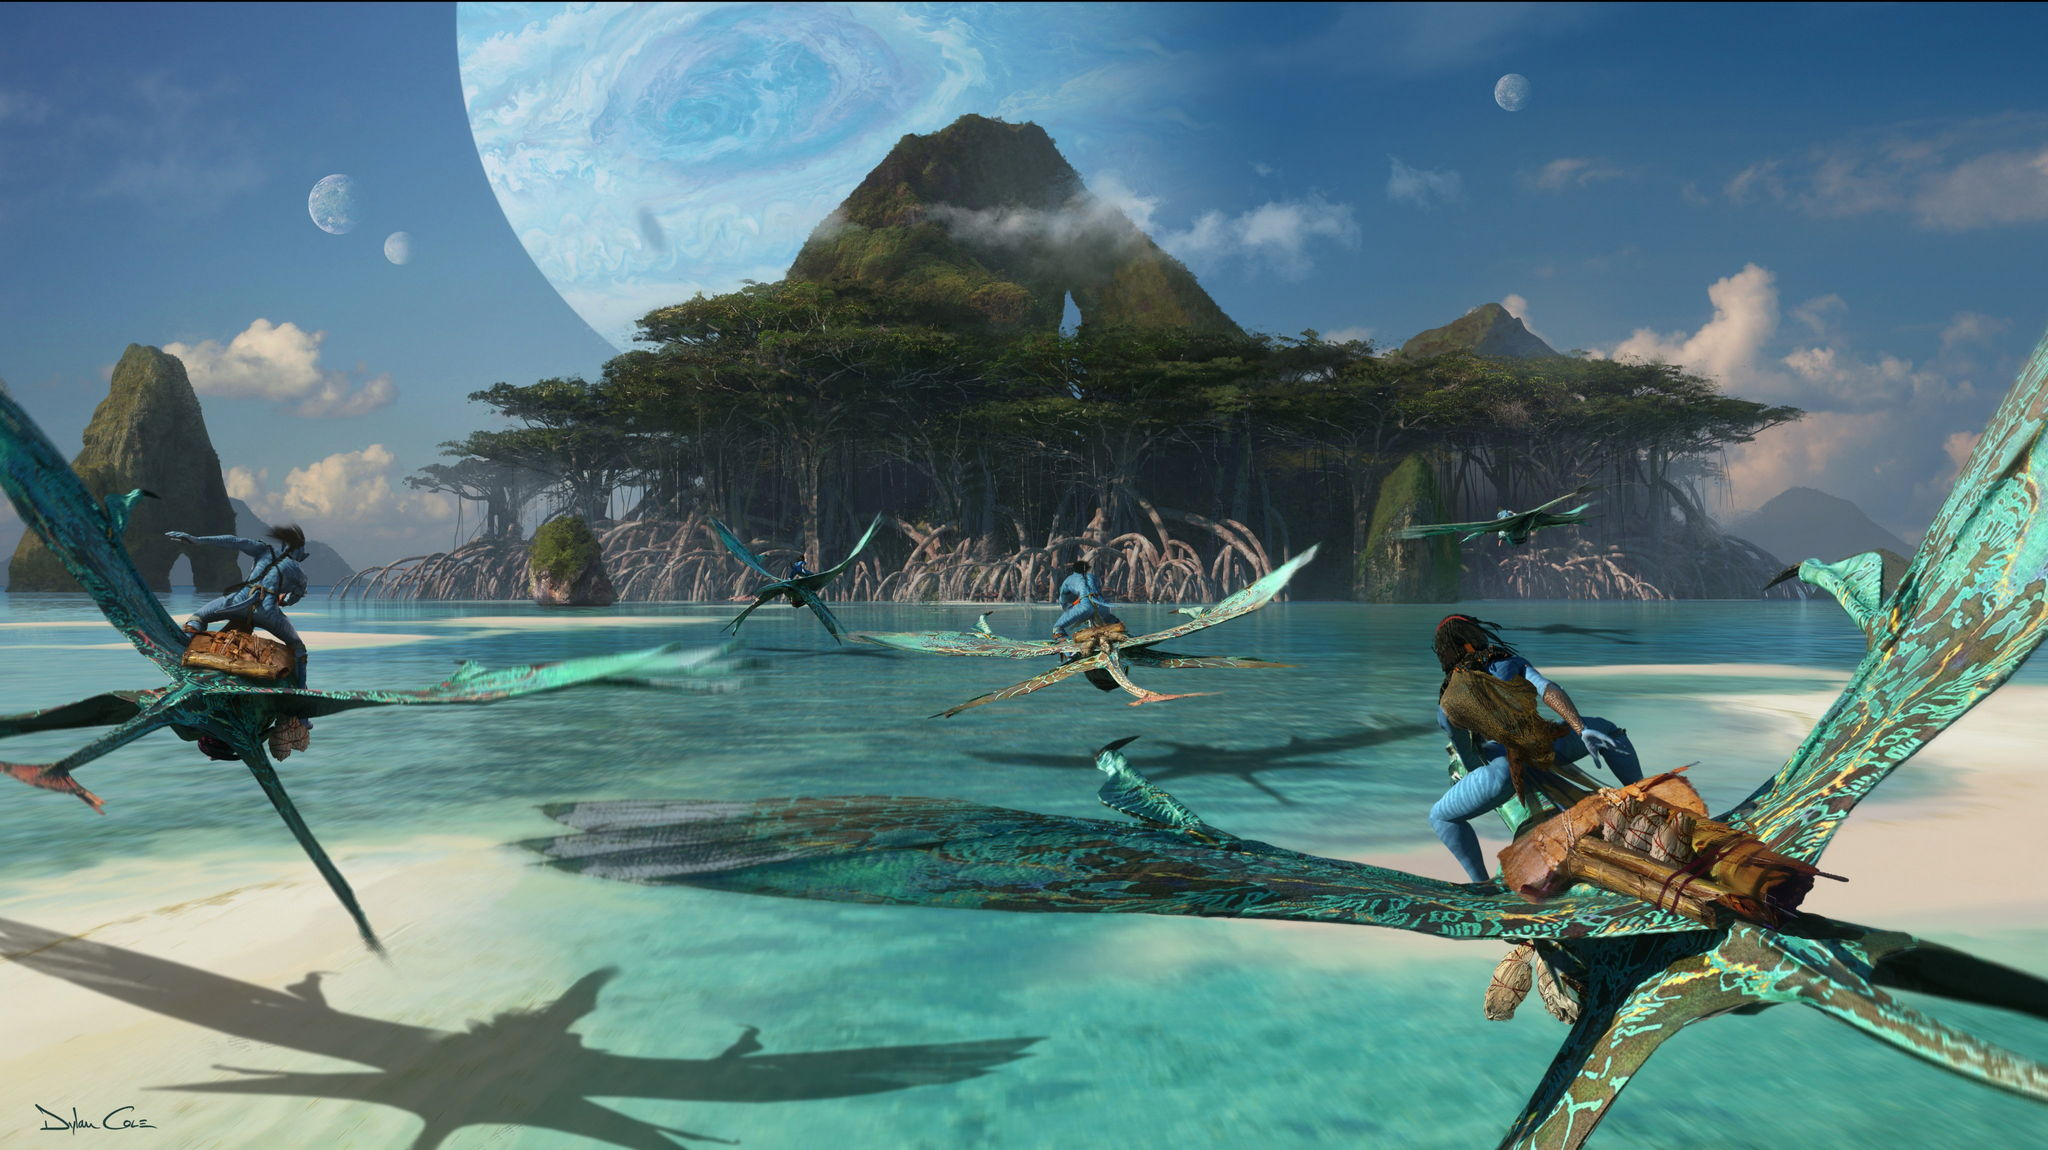 《阿凡达2》官方高清概念艺术图欣赏